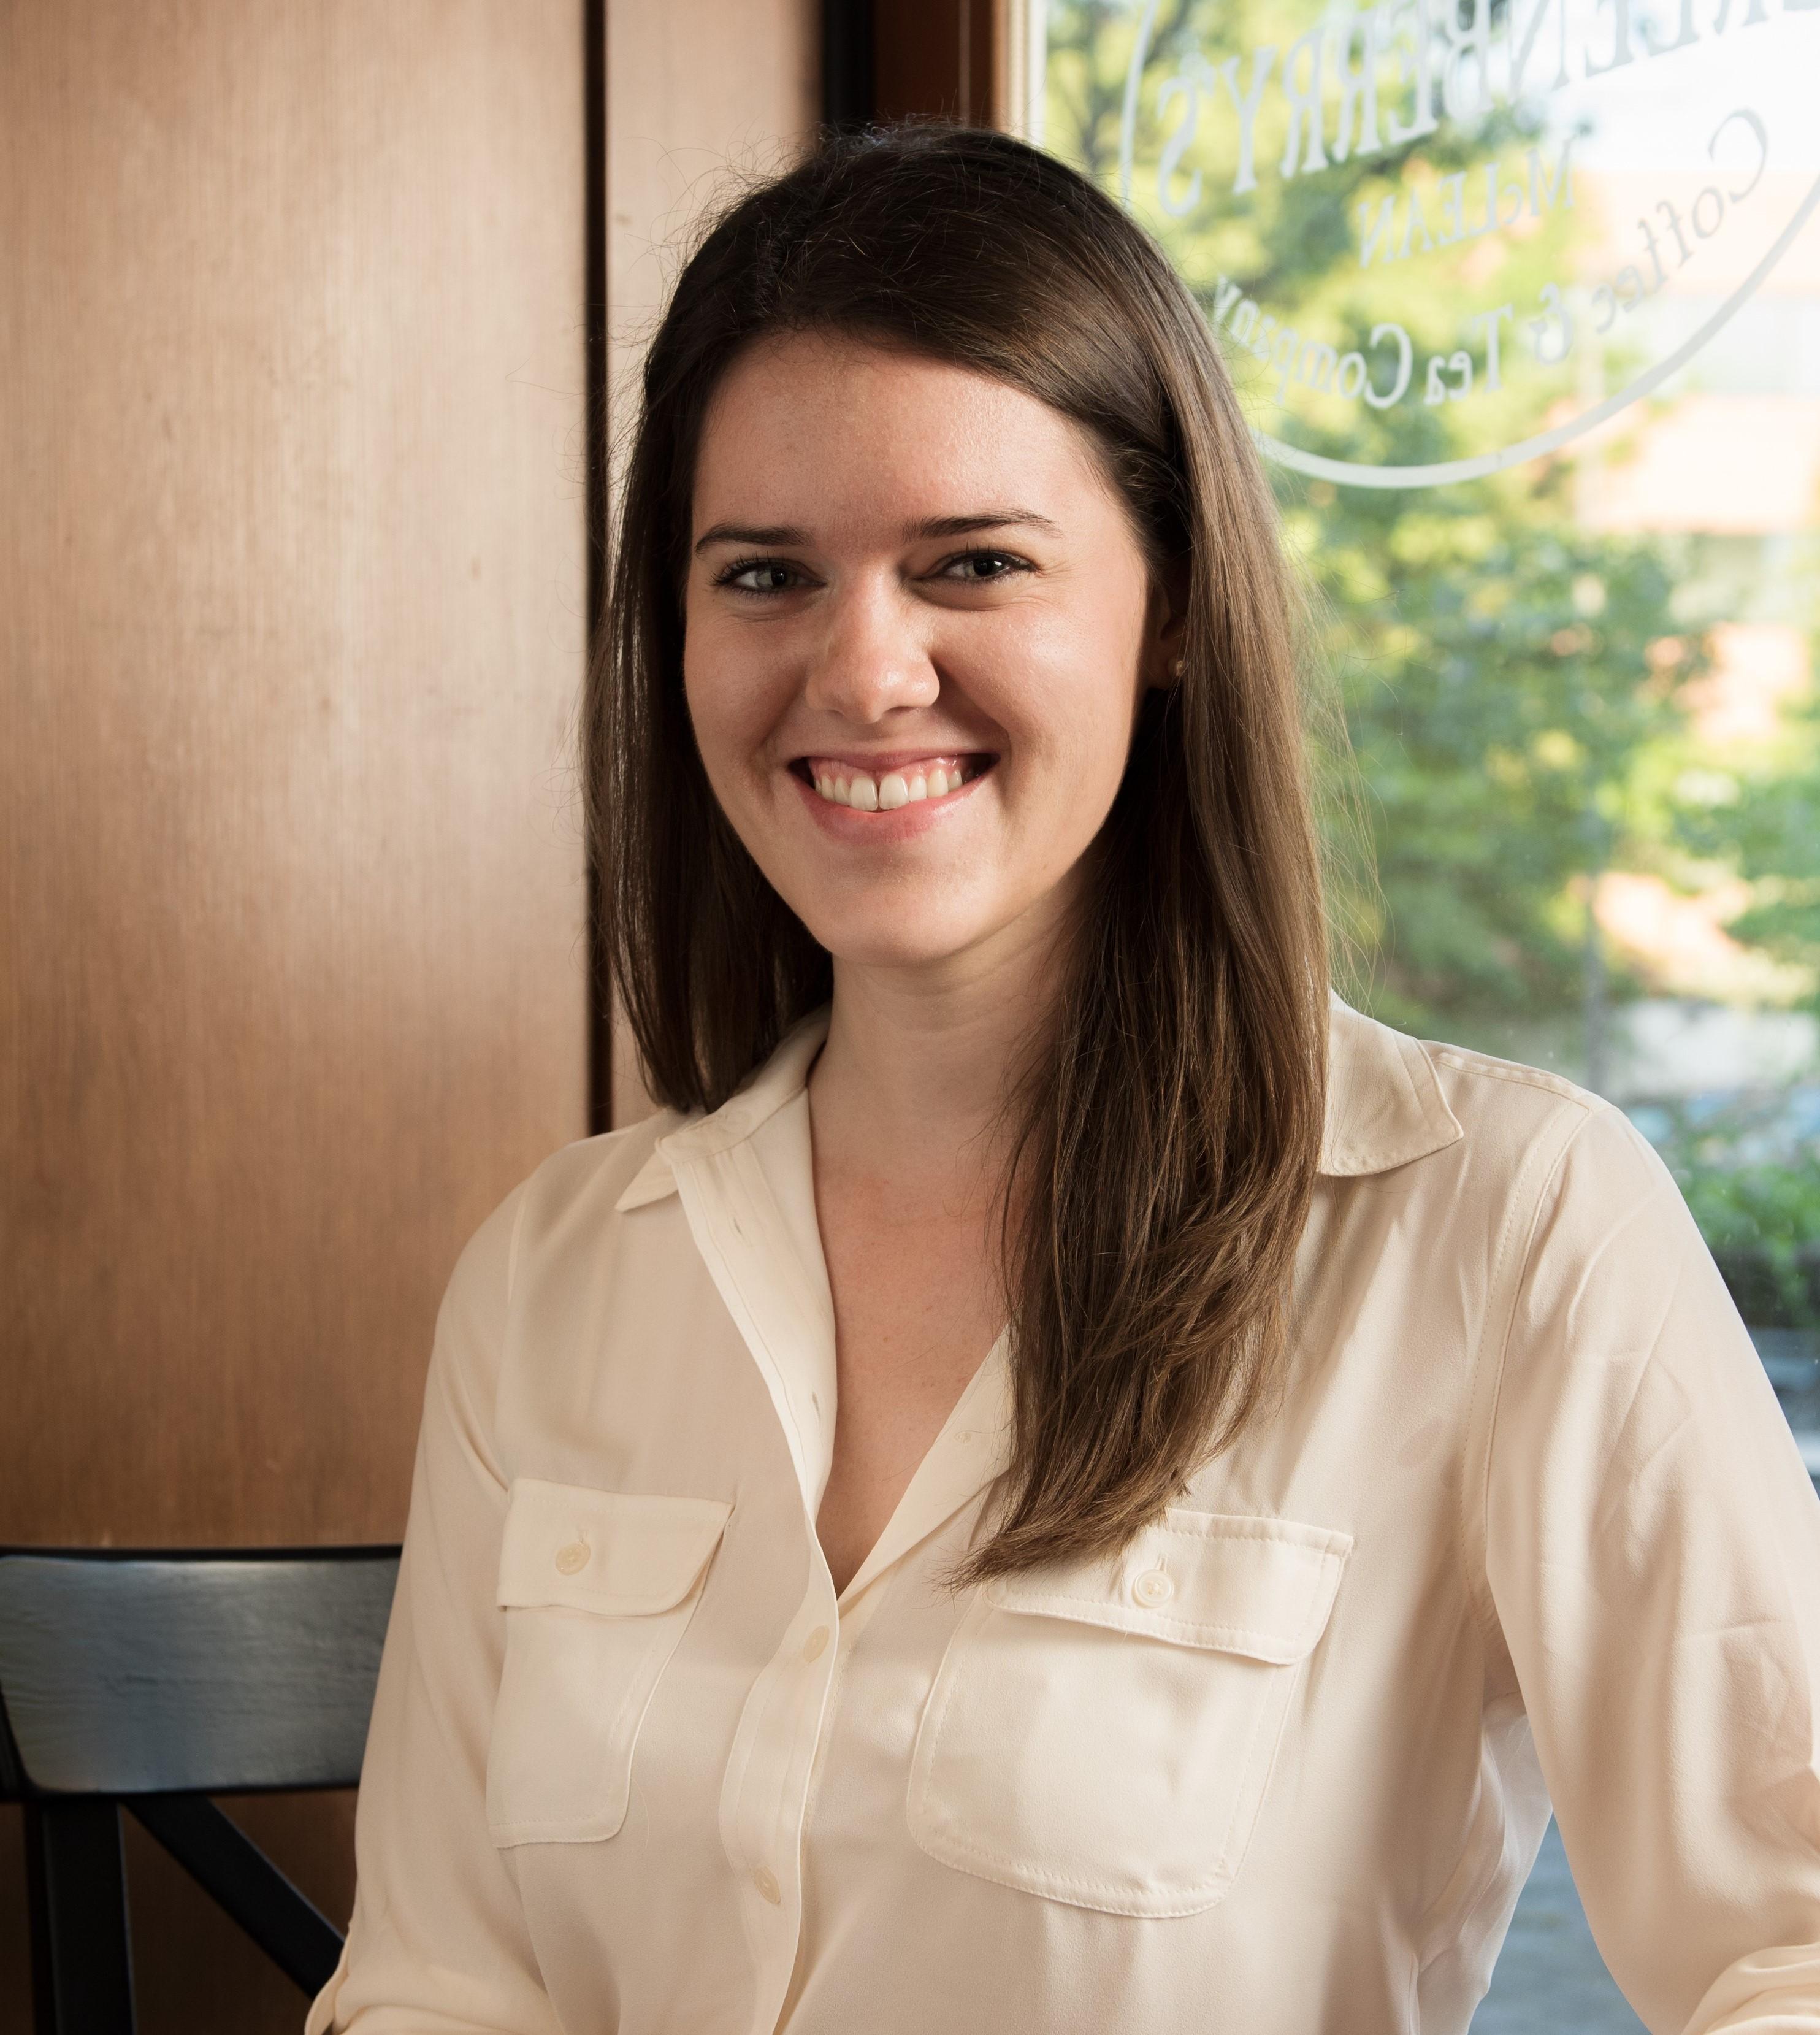 Megan Hays